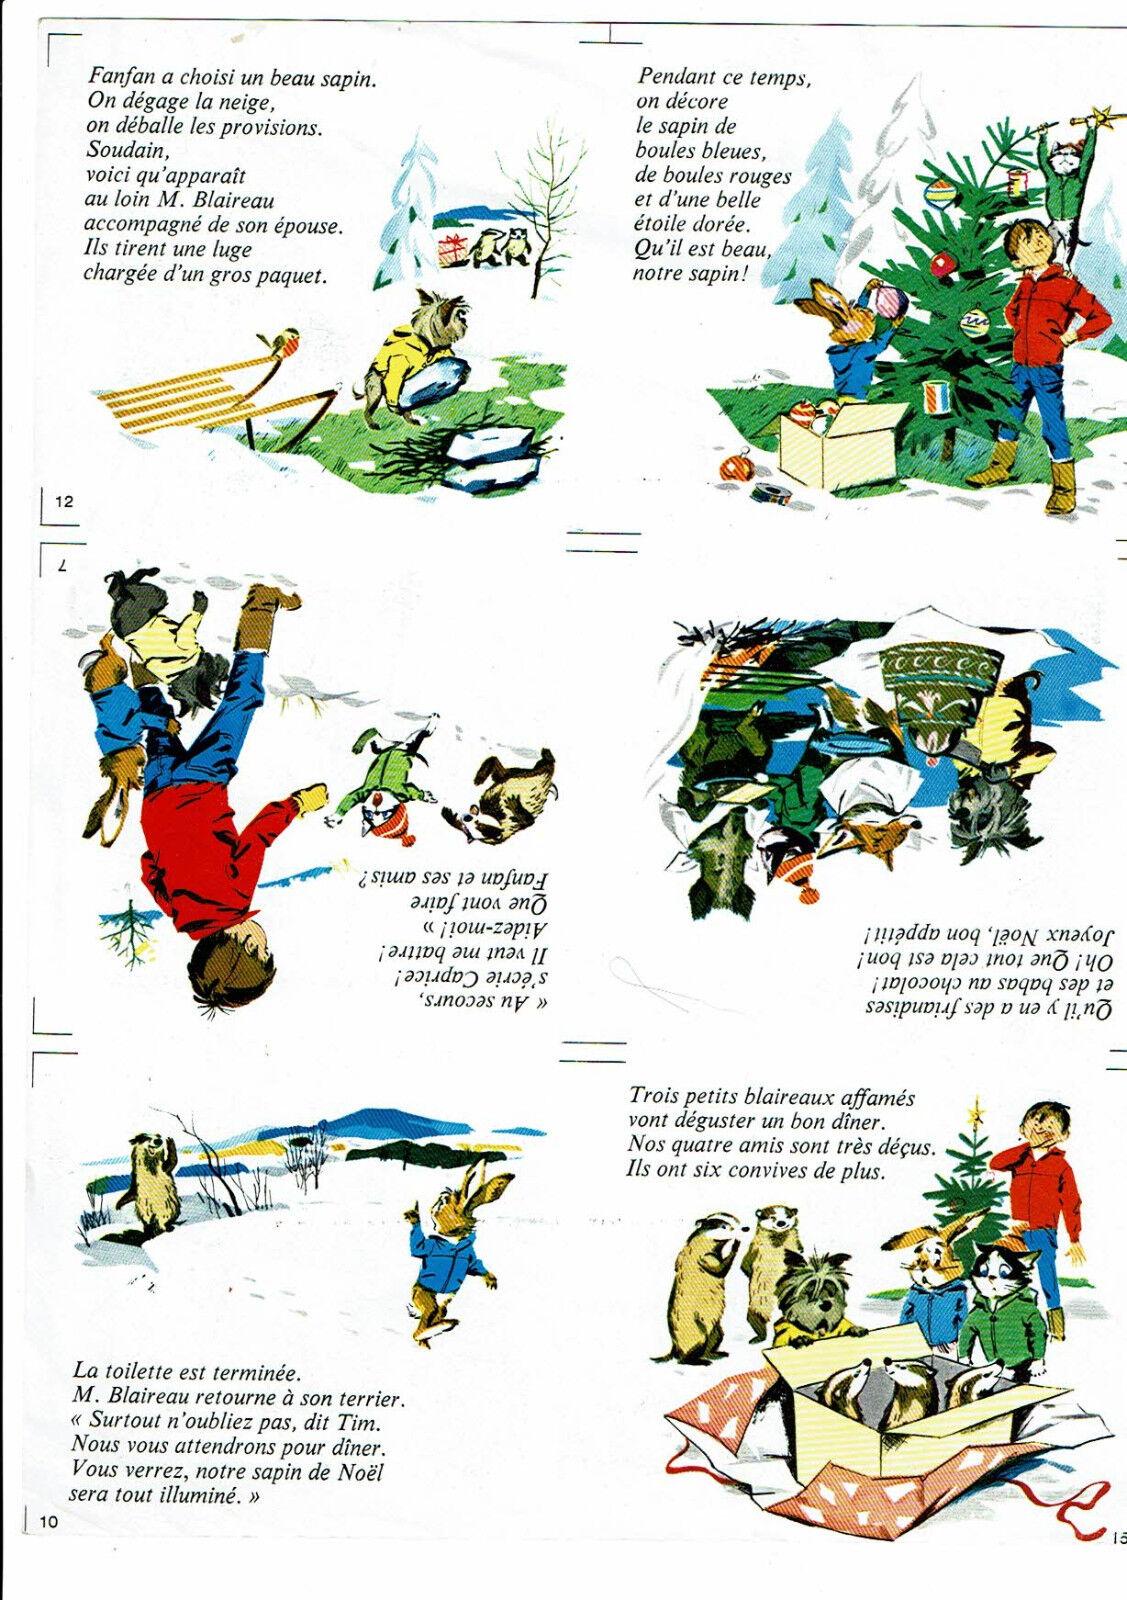 Les Albums Roses - comparaison éditions - Page 9 Le-Reveillon-de-Fanfan-Pierre-Probst-en-planche-_57